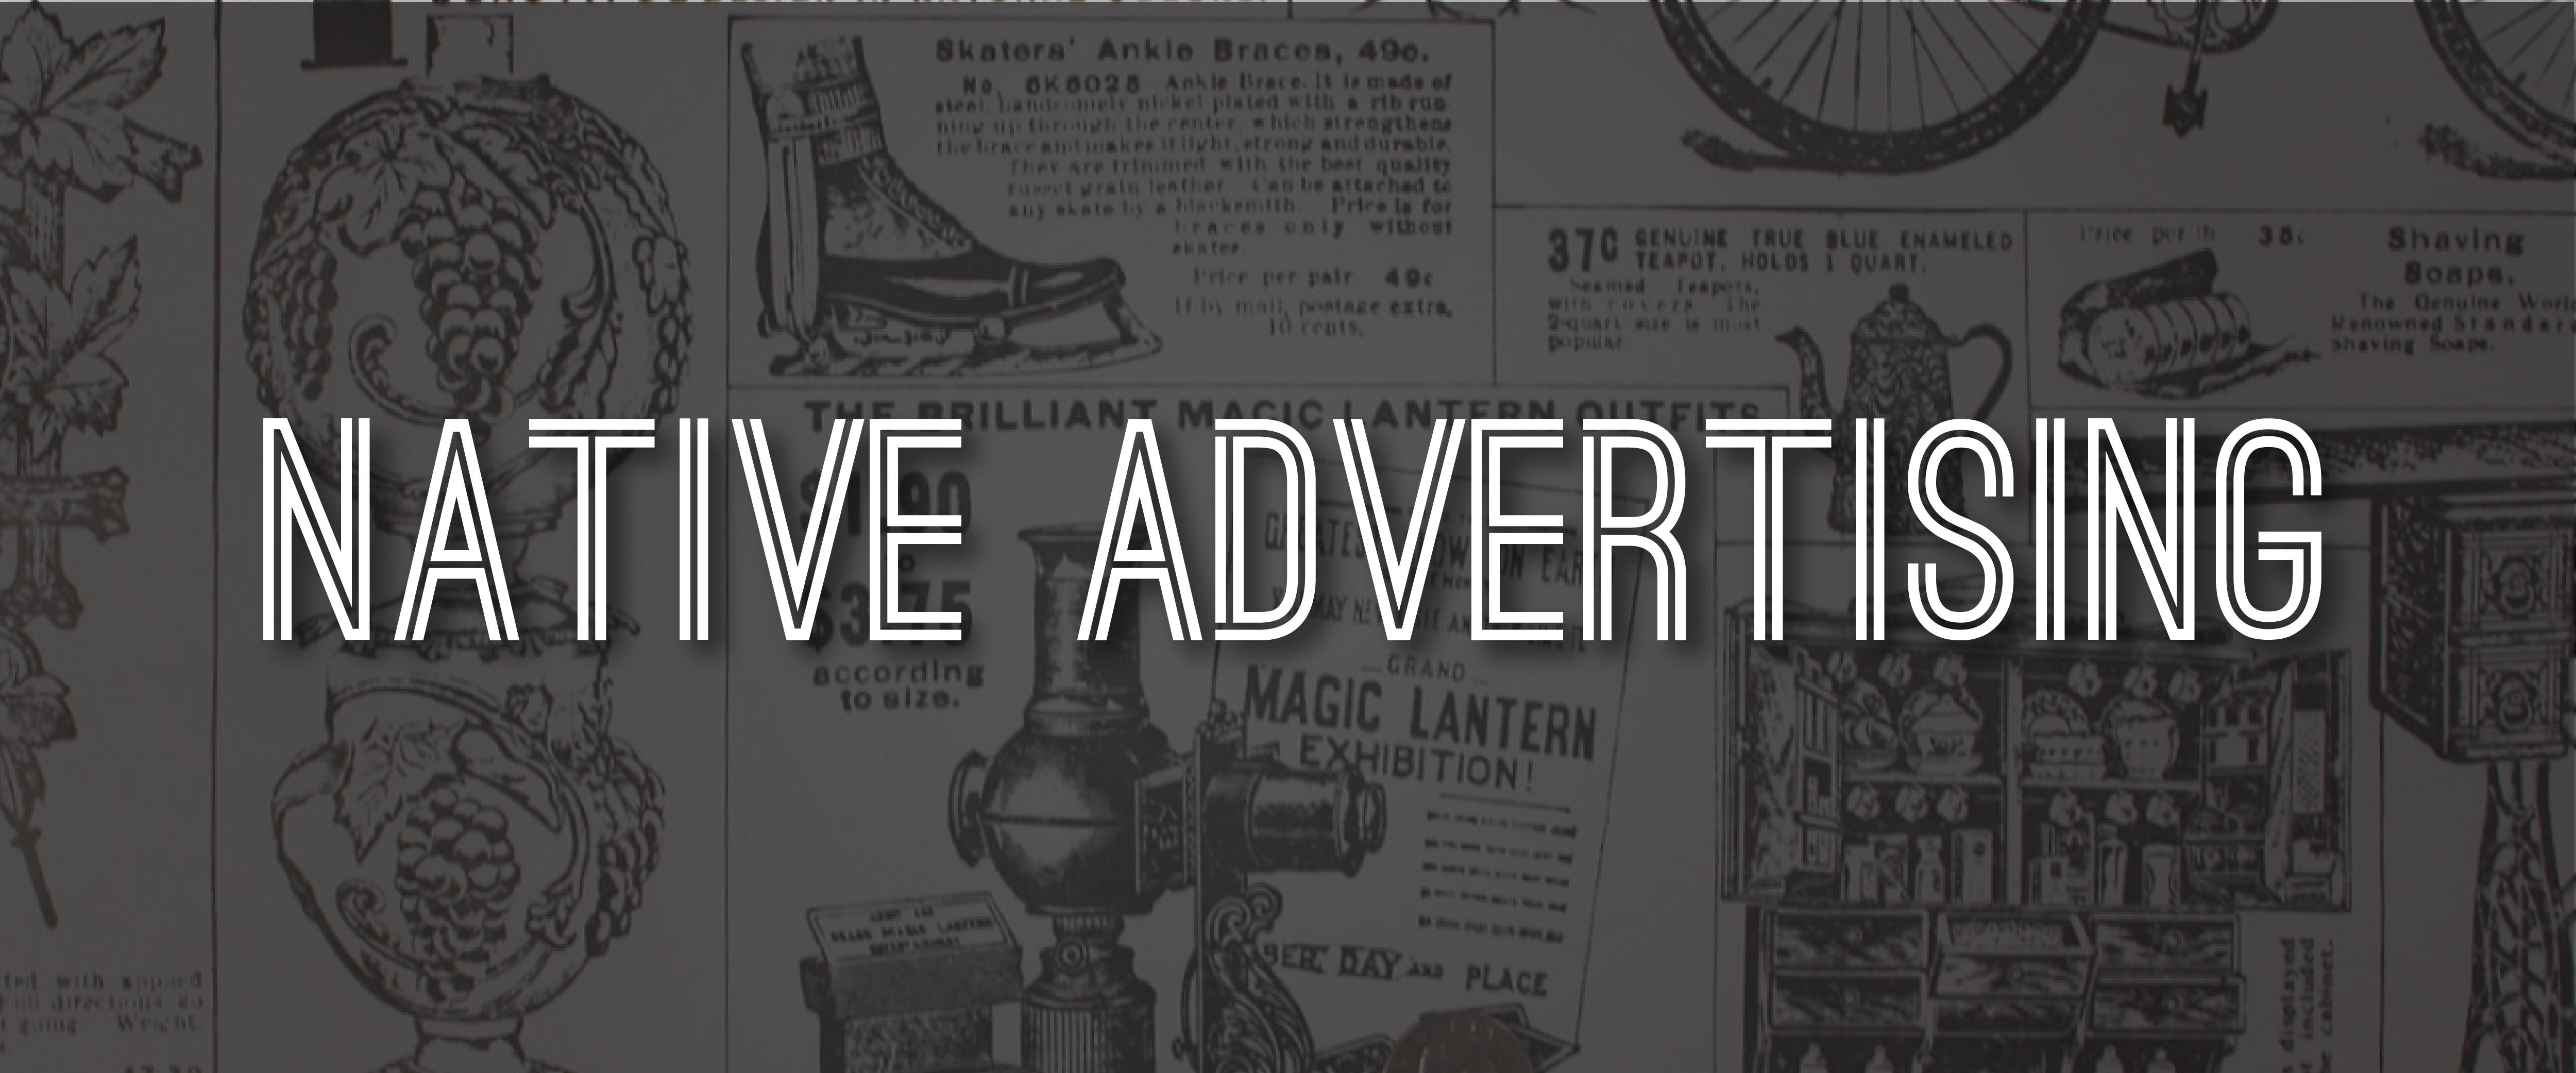 nativeadvertising-01